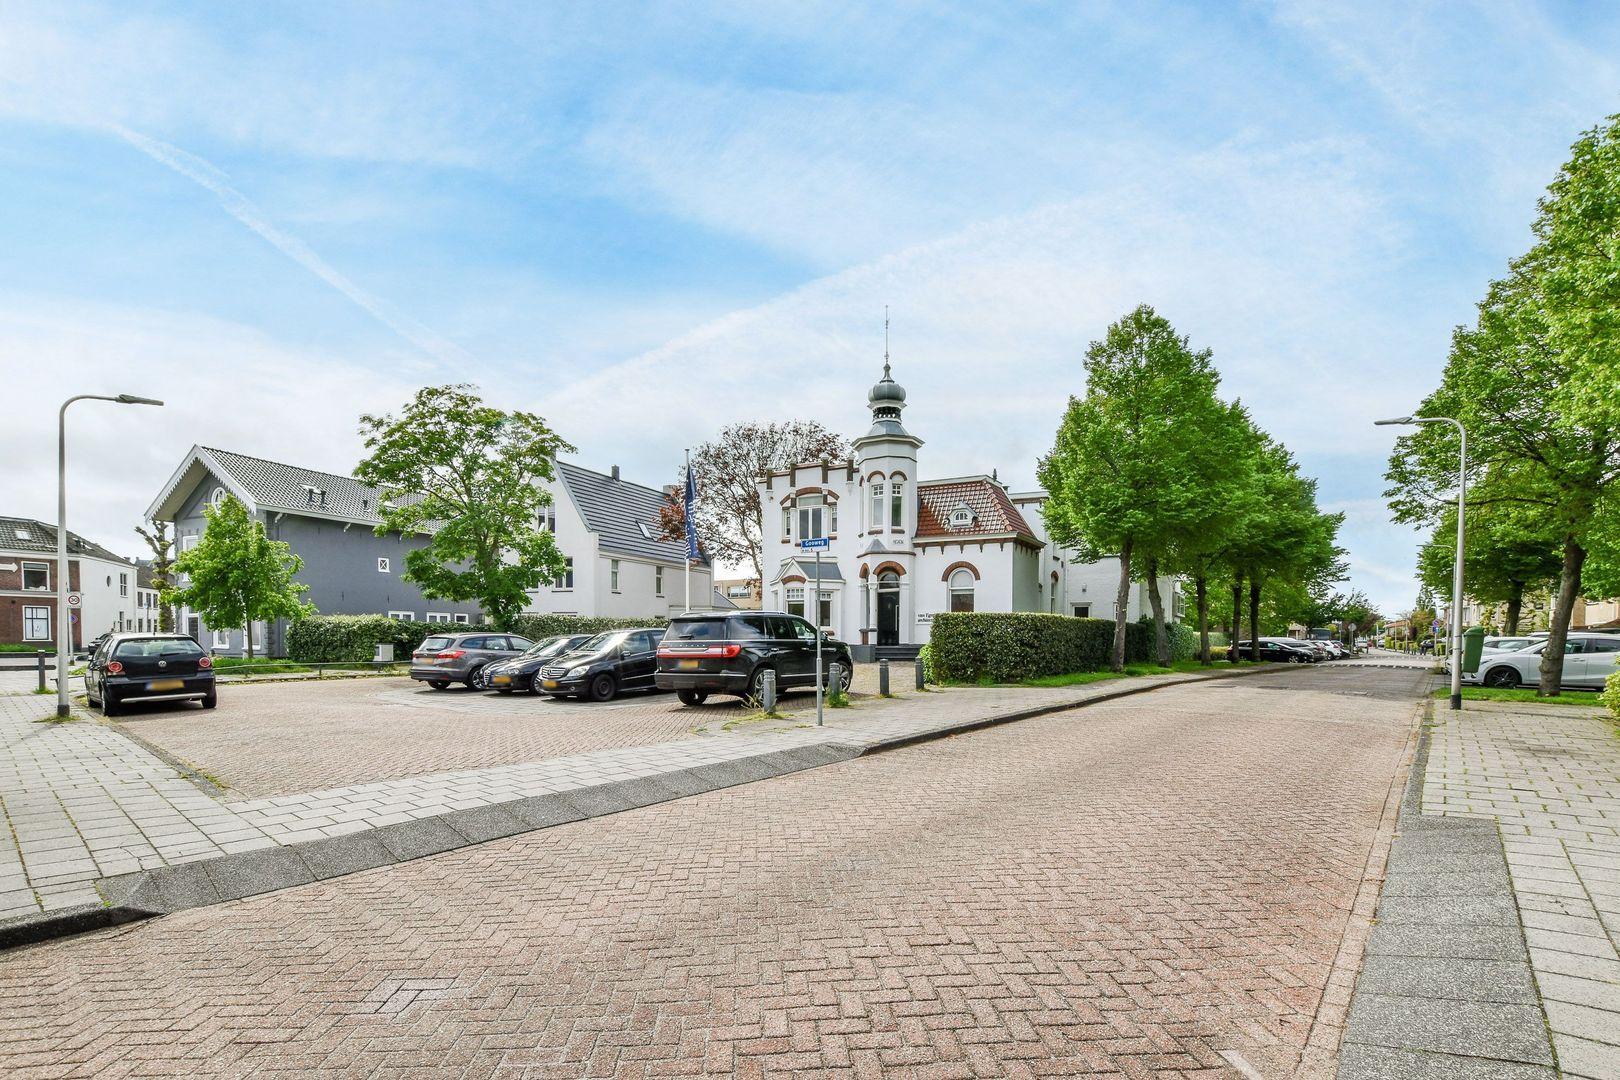 de la Bassecour Caanstraat 42, Noordwijk foto-